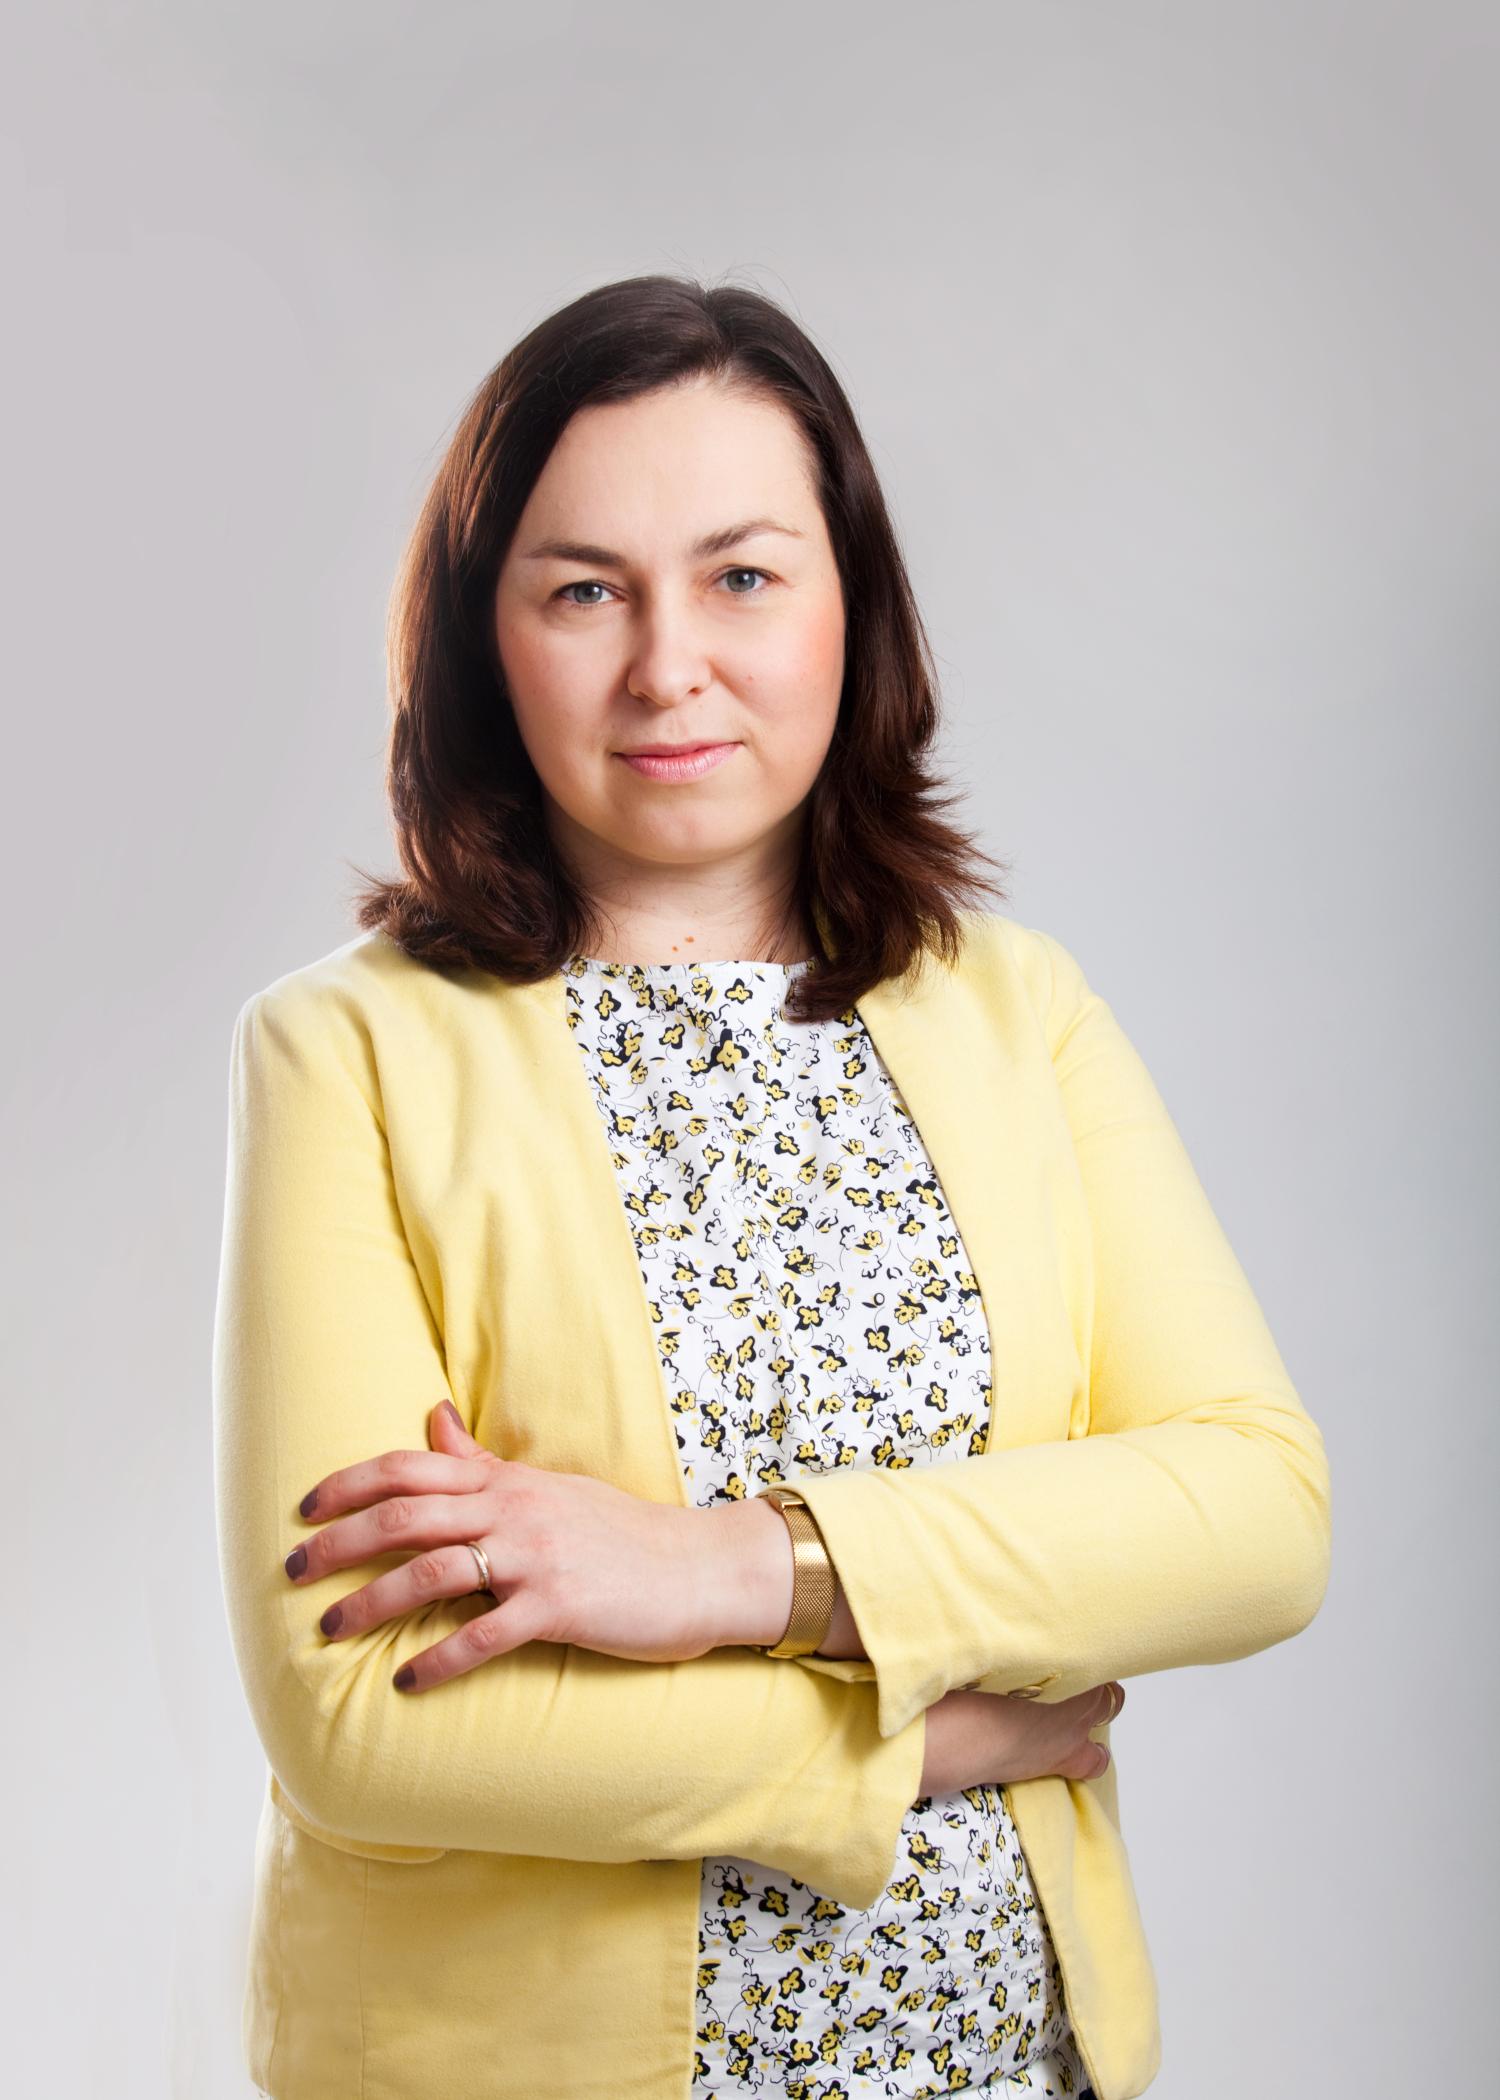 Małgorzata Elszyn Bociek